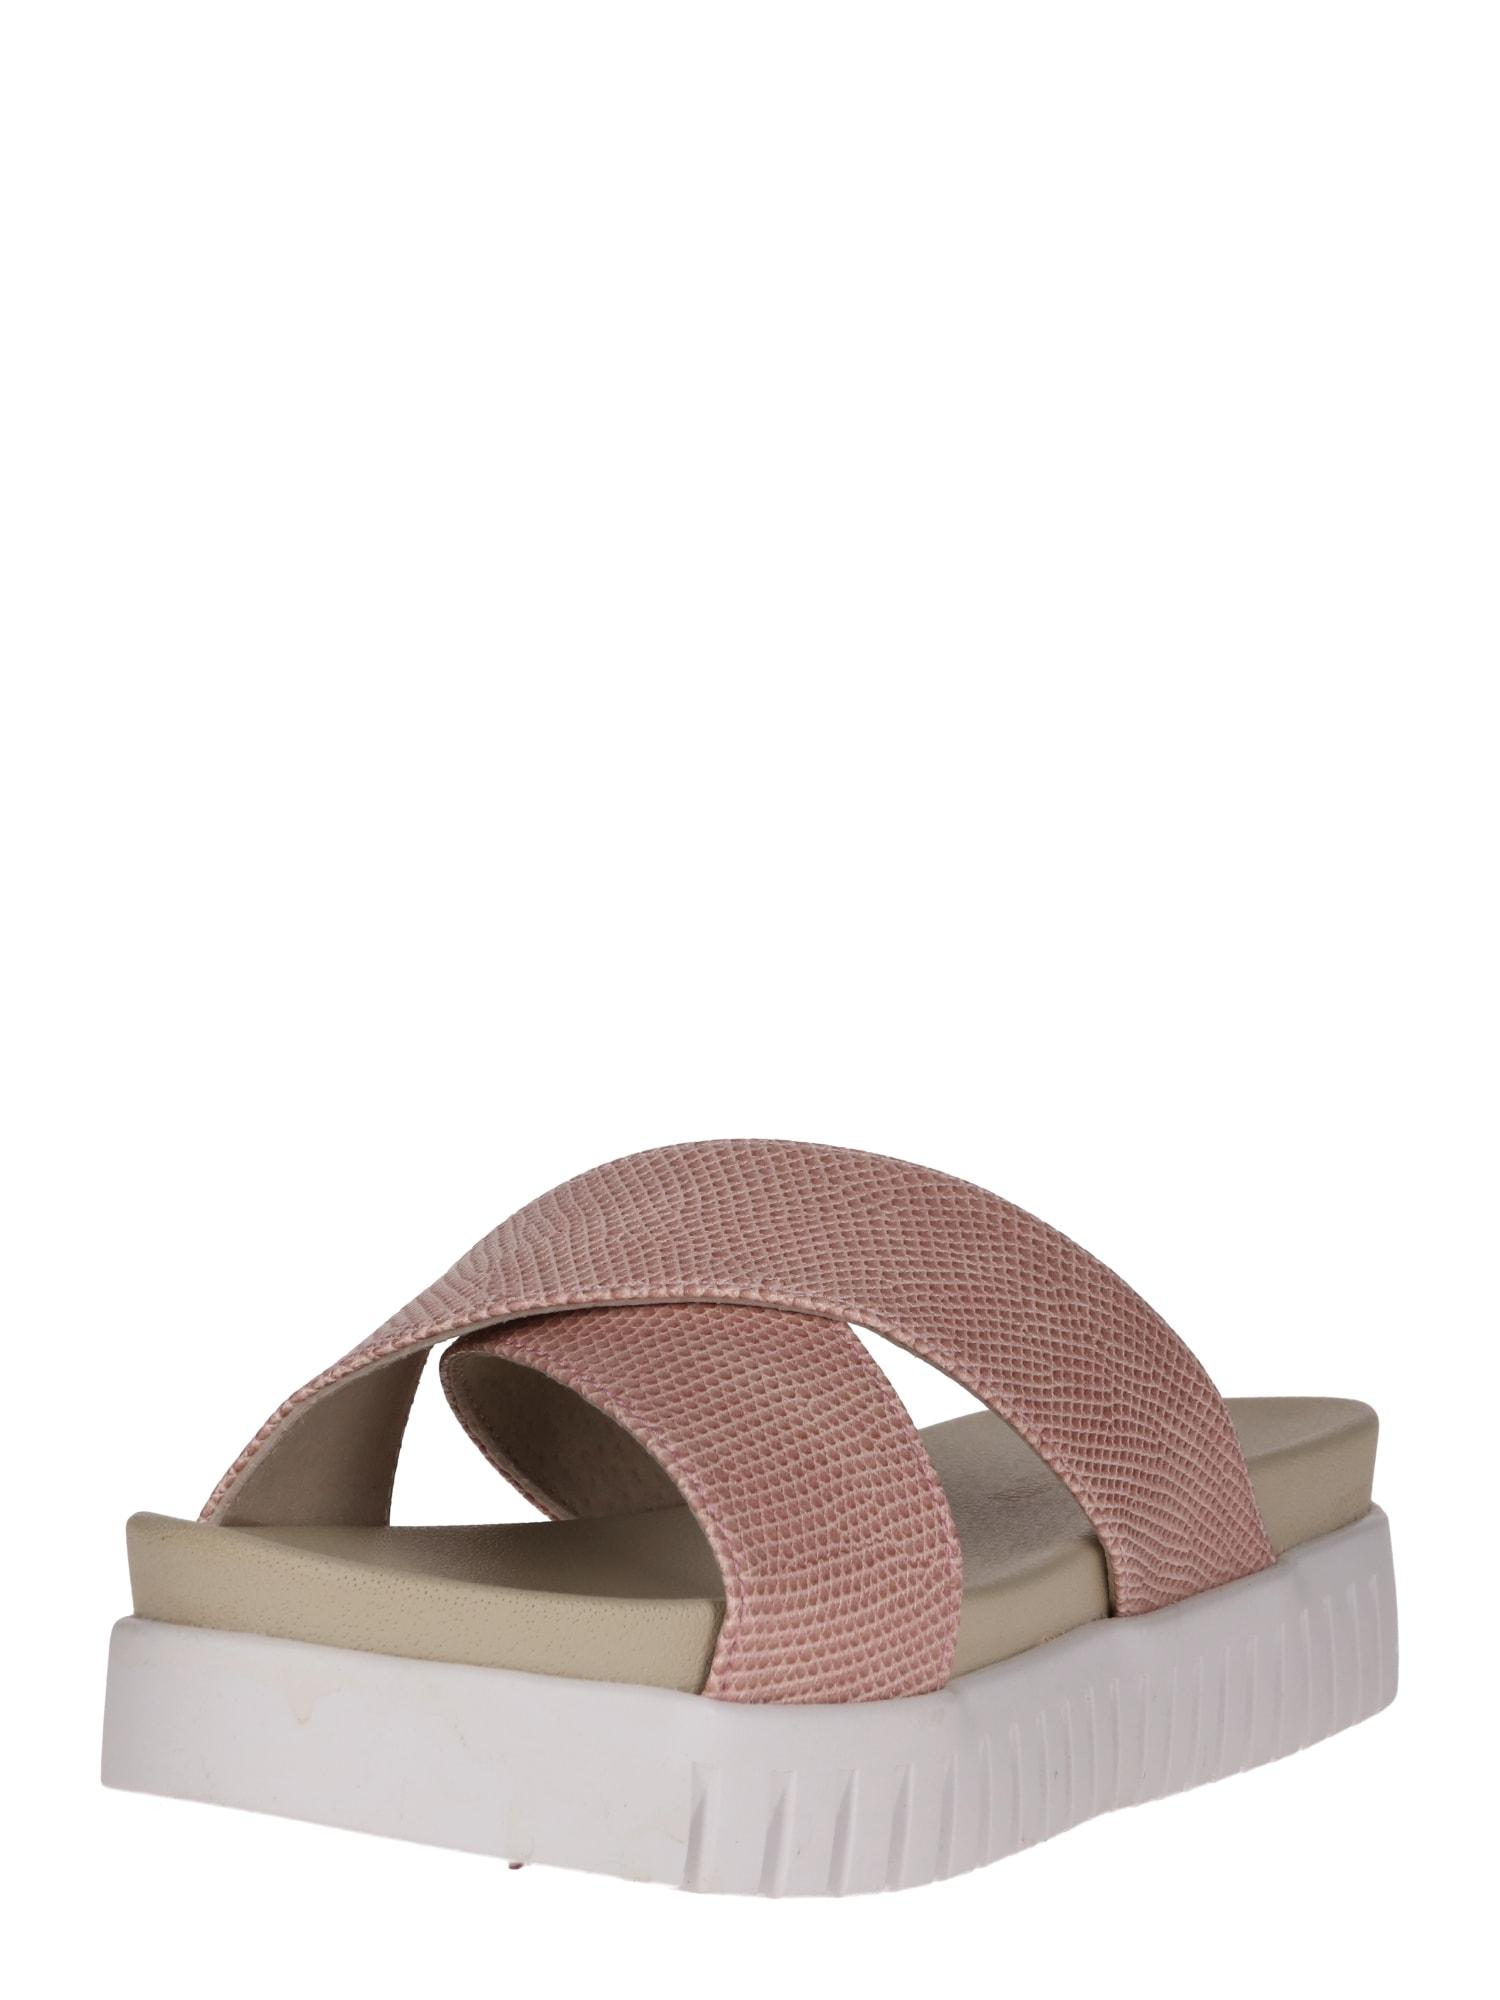 ILSE JACOBSEN Sandalai ryškiai rožinė spalva